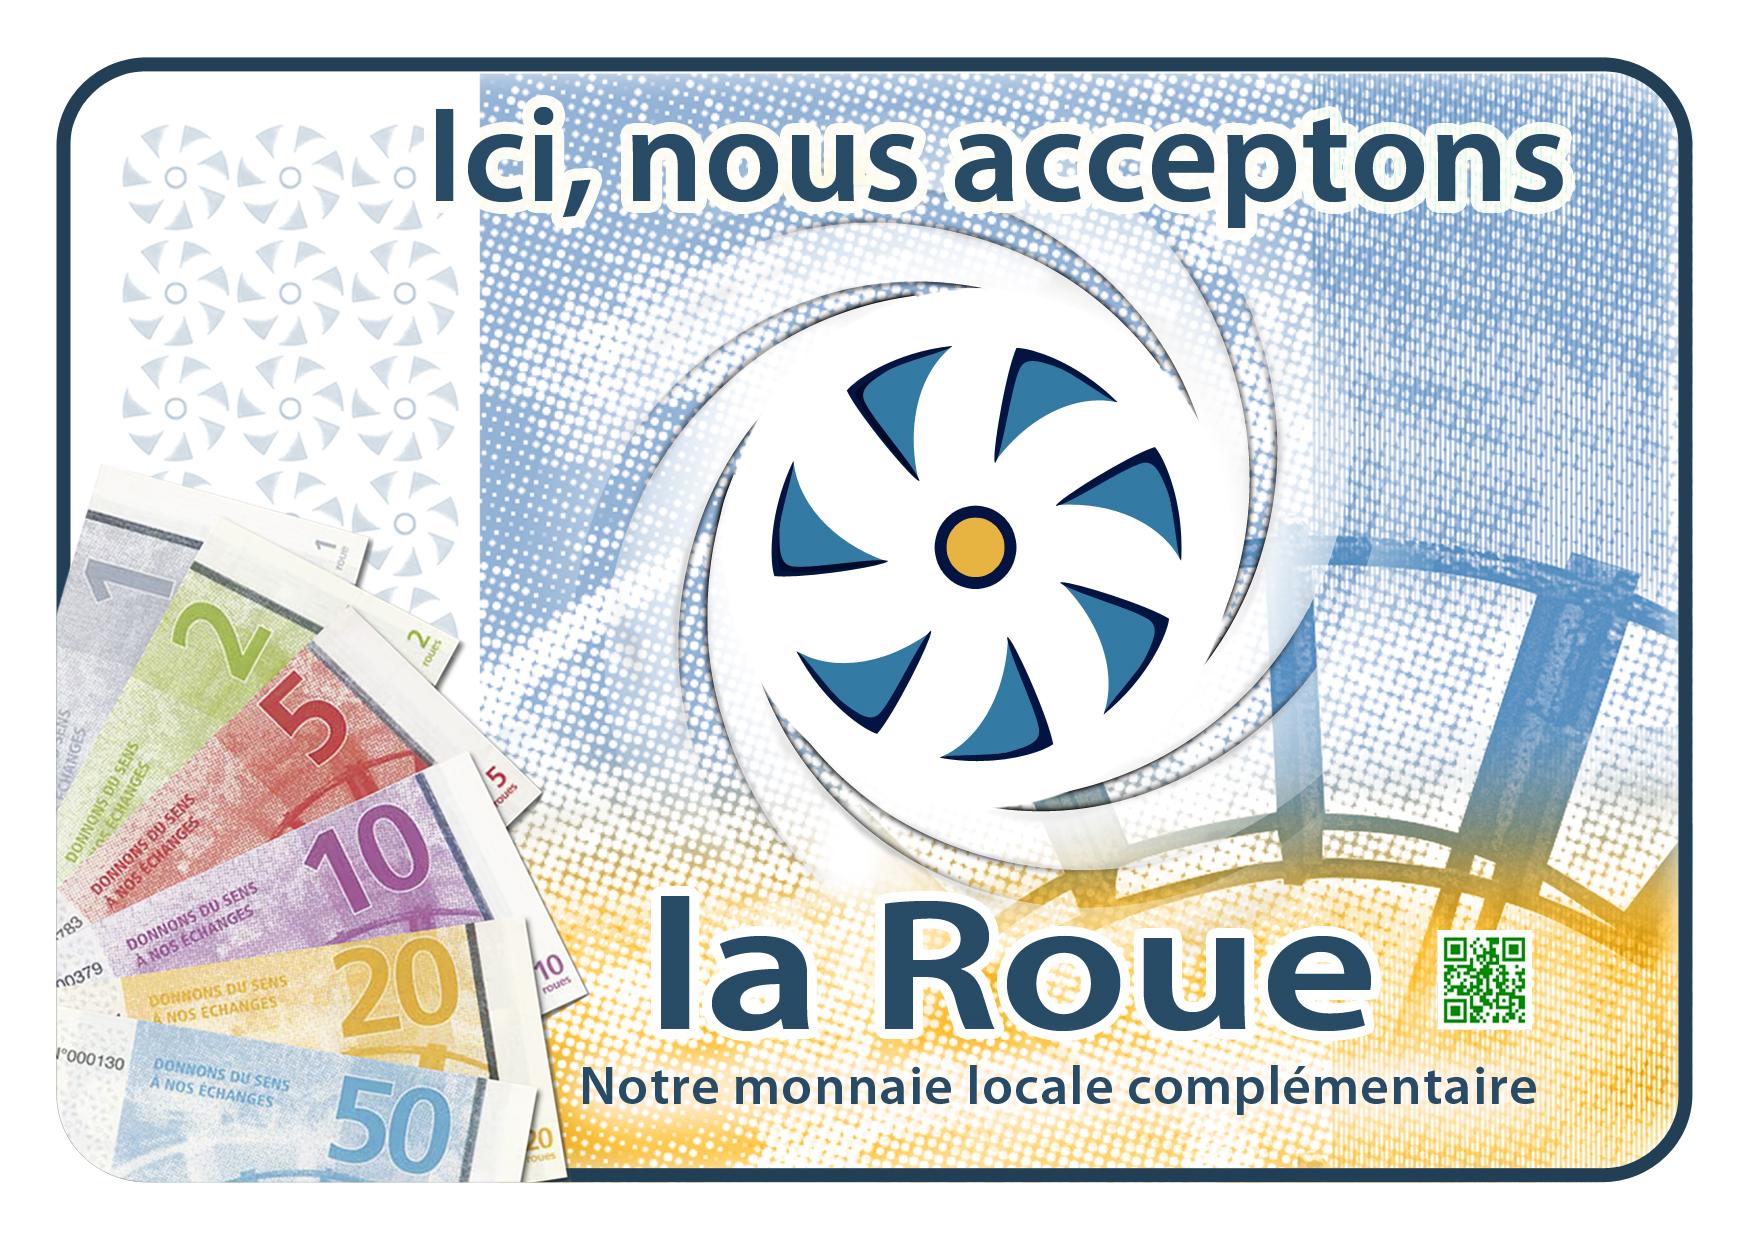 Association La Roue